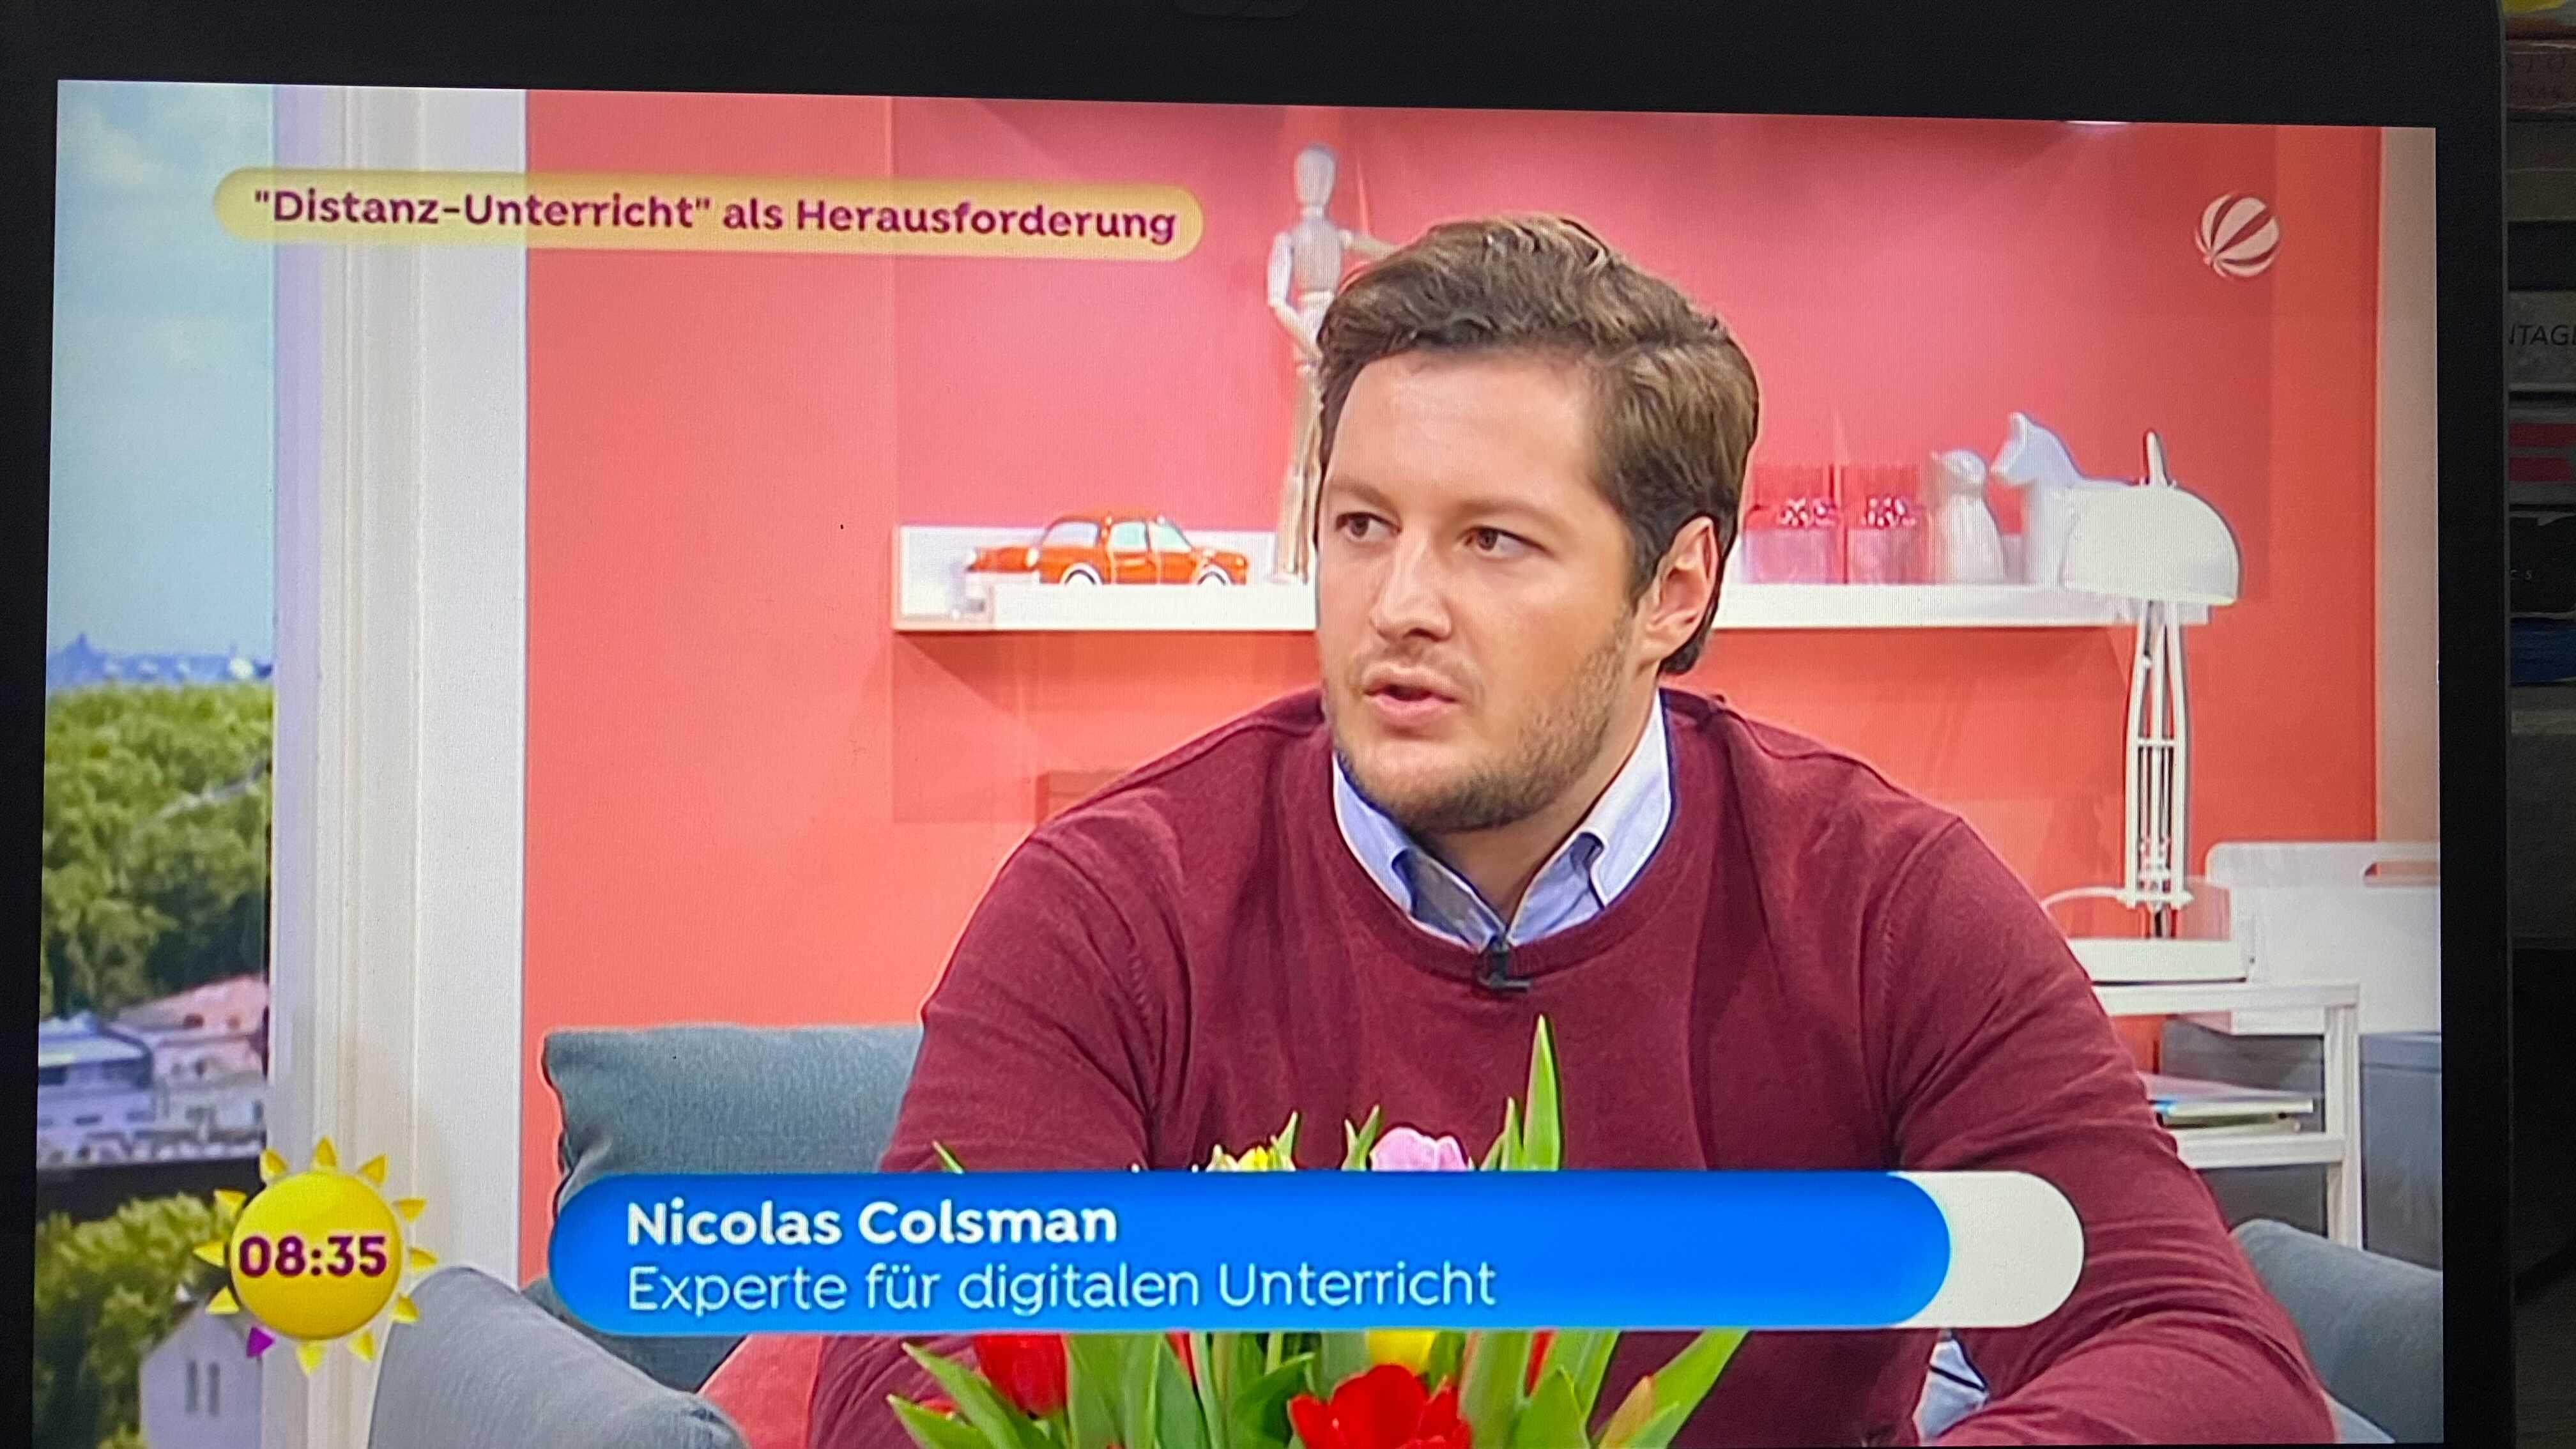 Sat 1 Frühstücksfernsehen